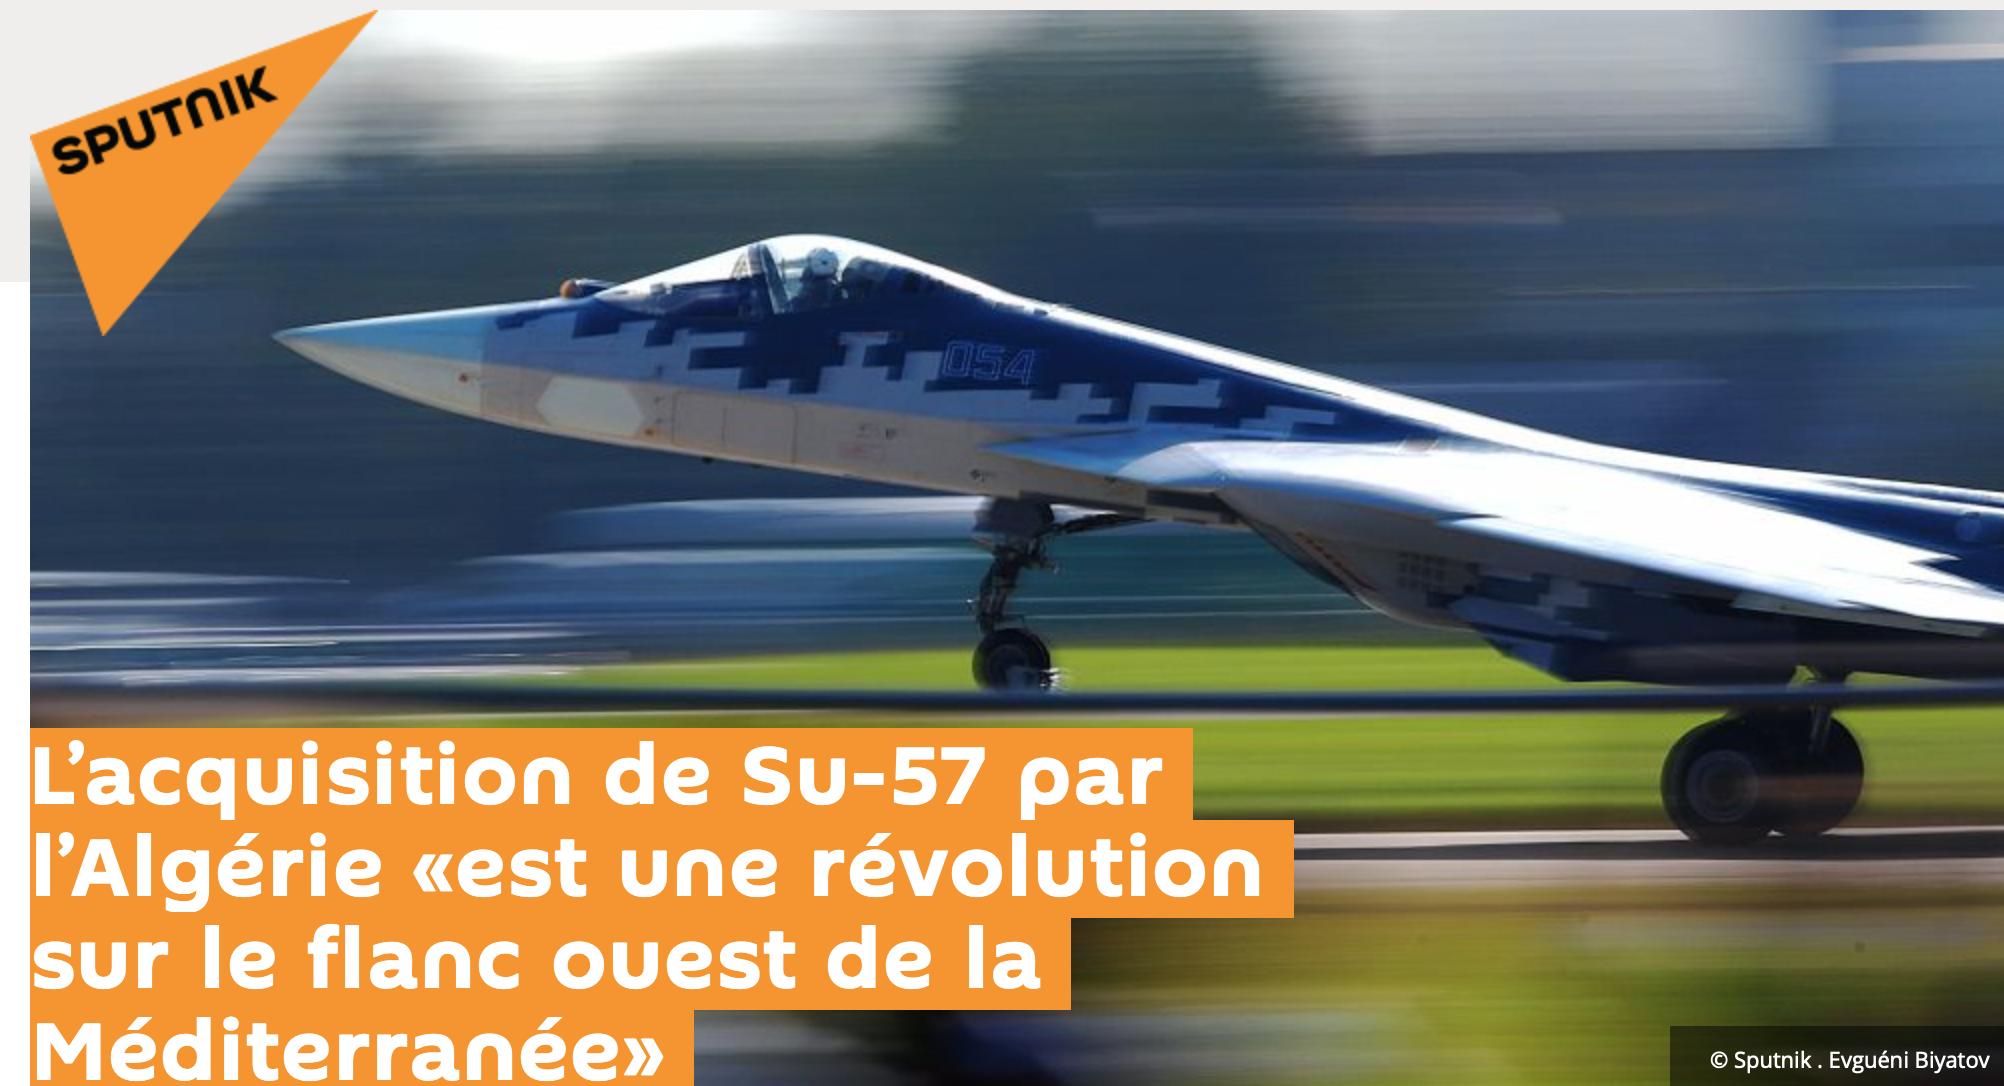 L'Algérie pauvre comme Job achète des avions de combat : pour préparer une guerre de civilisation ?